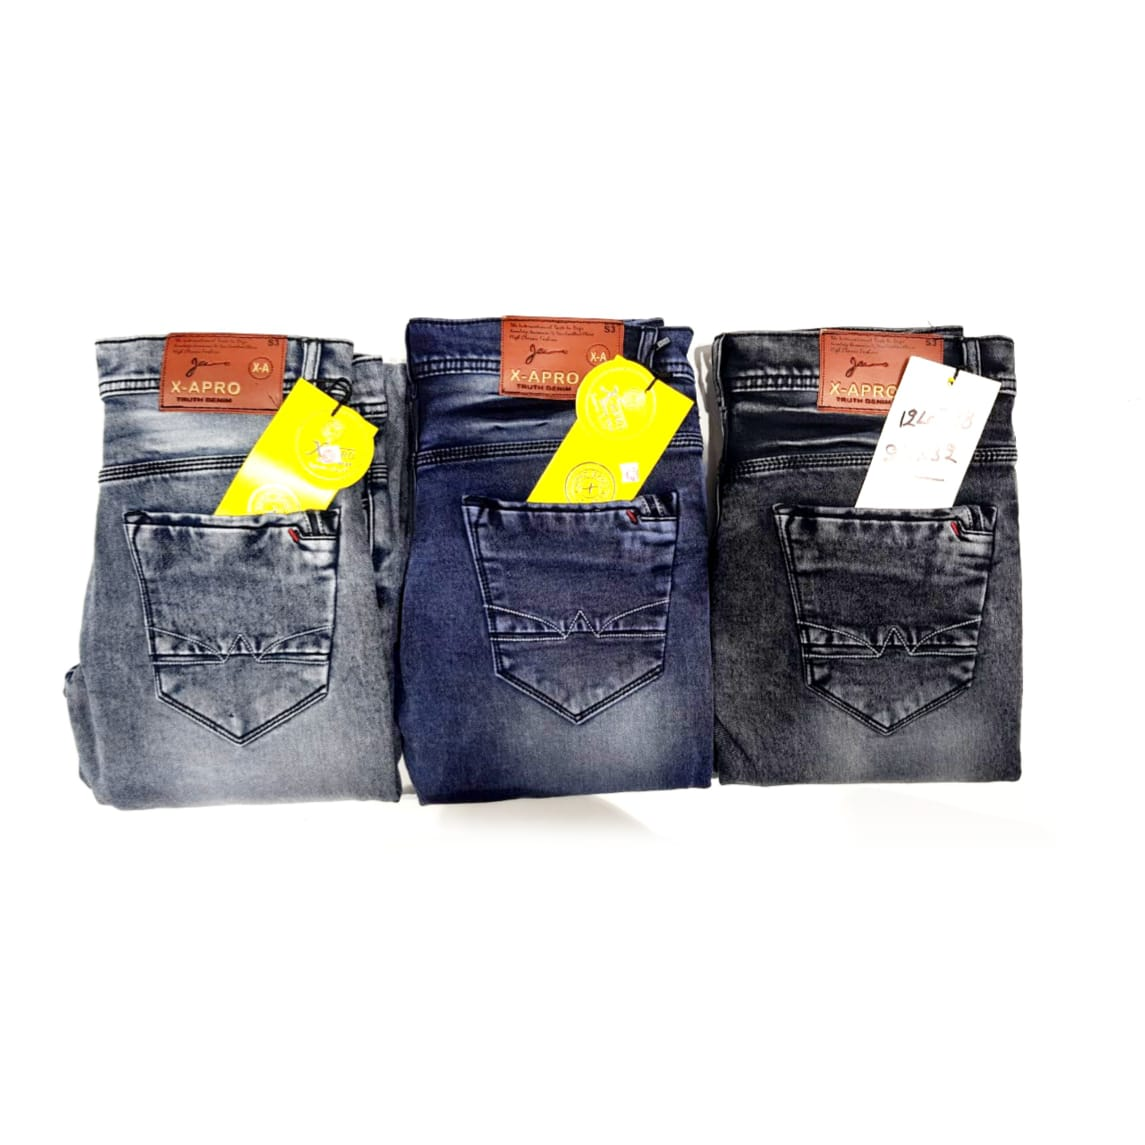 payal jeans sample -2